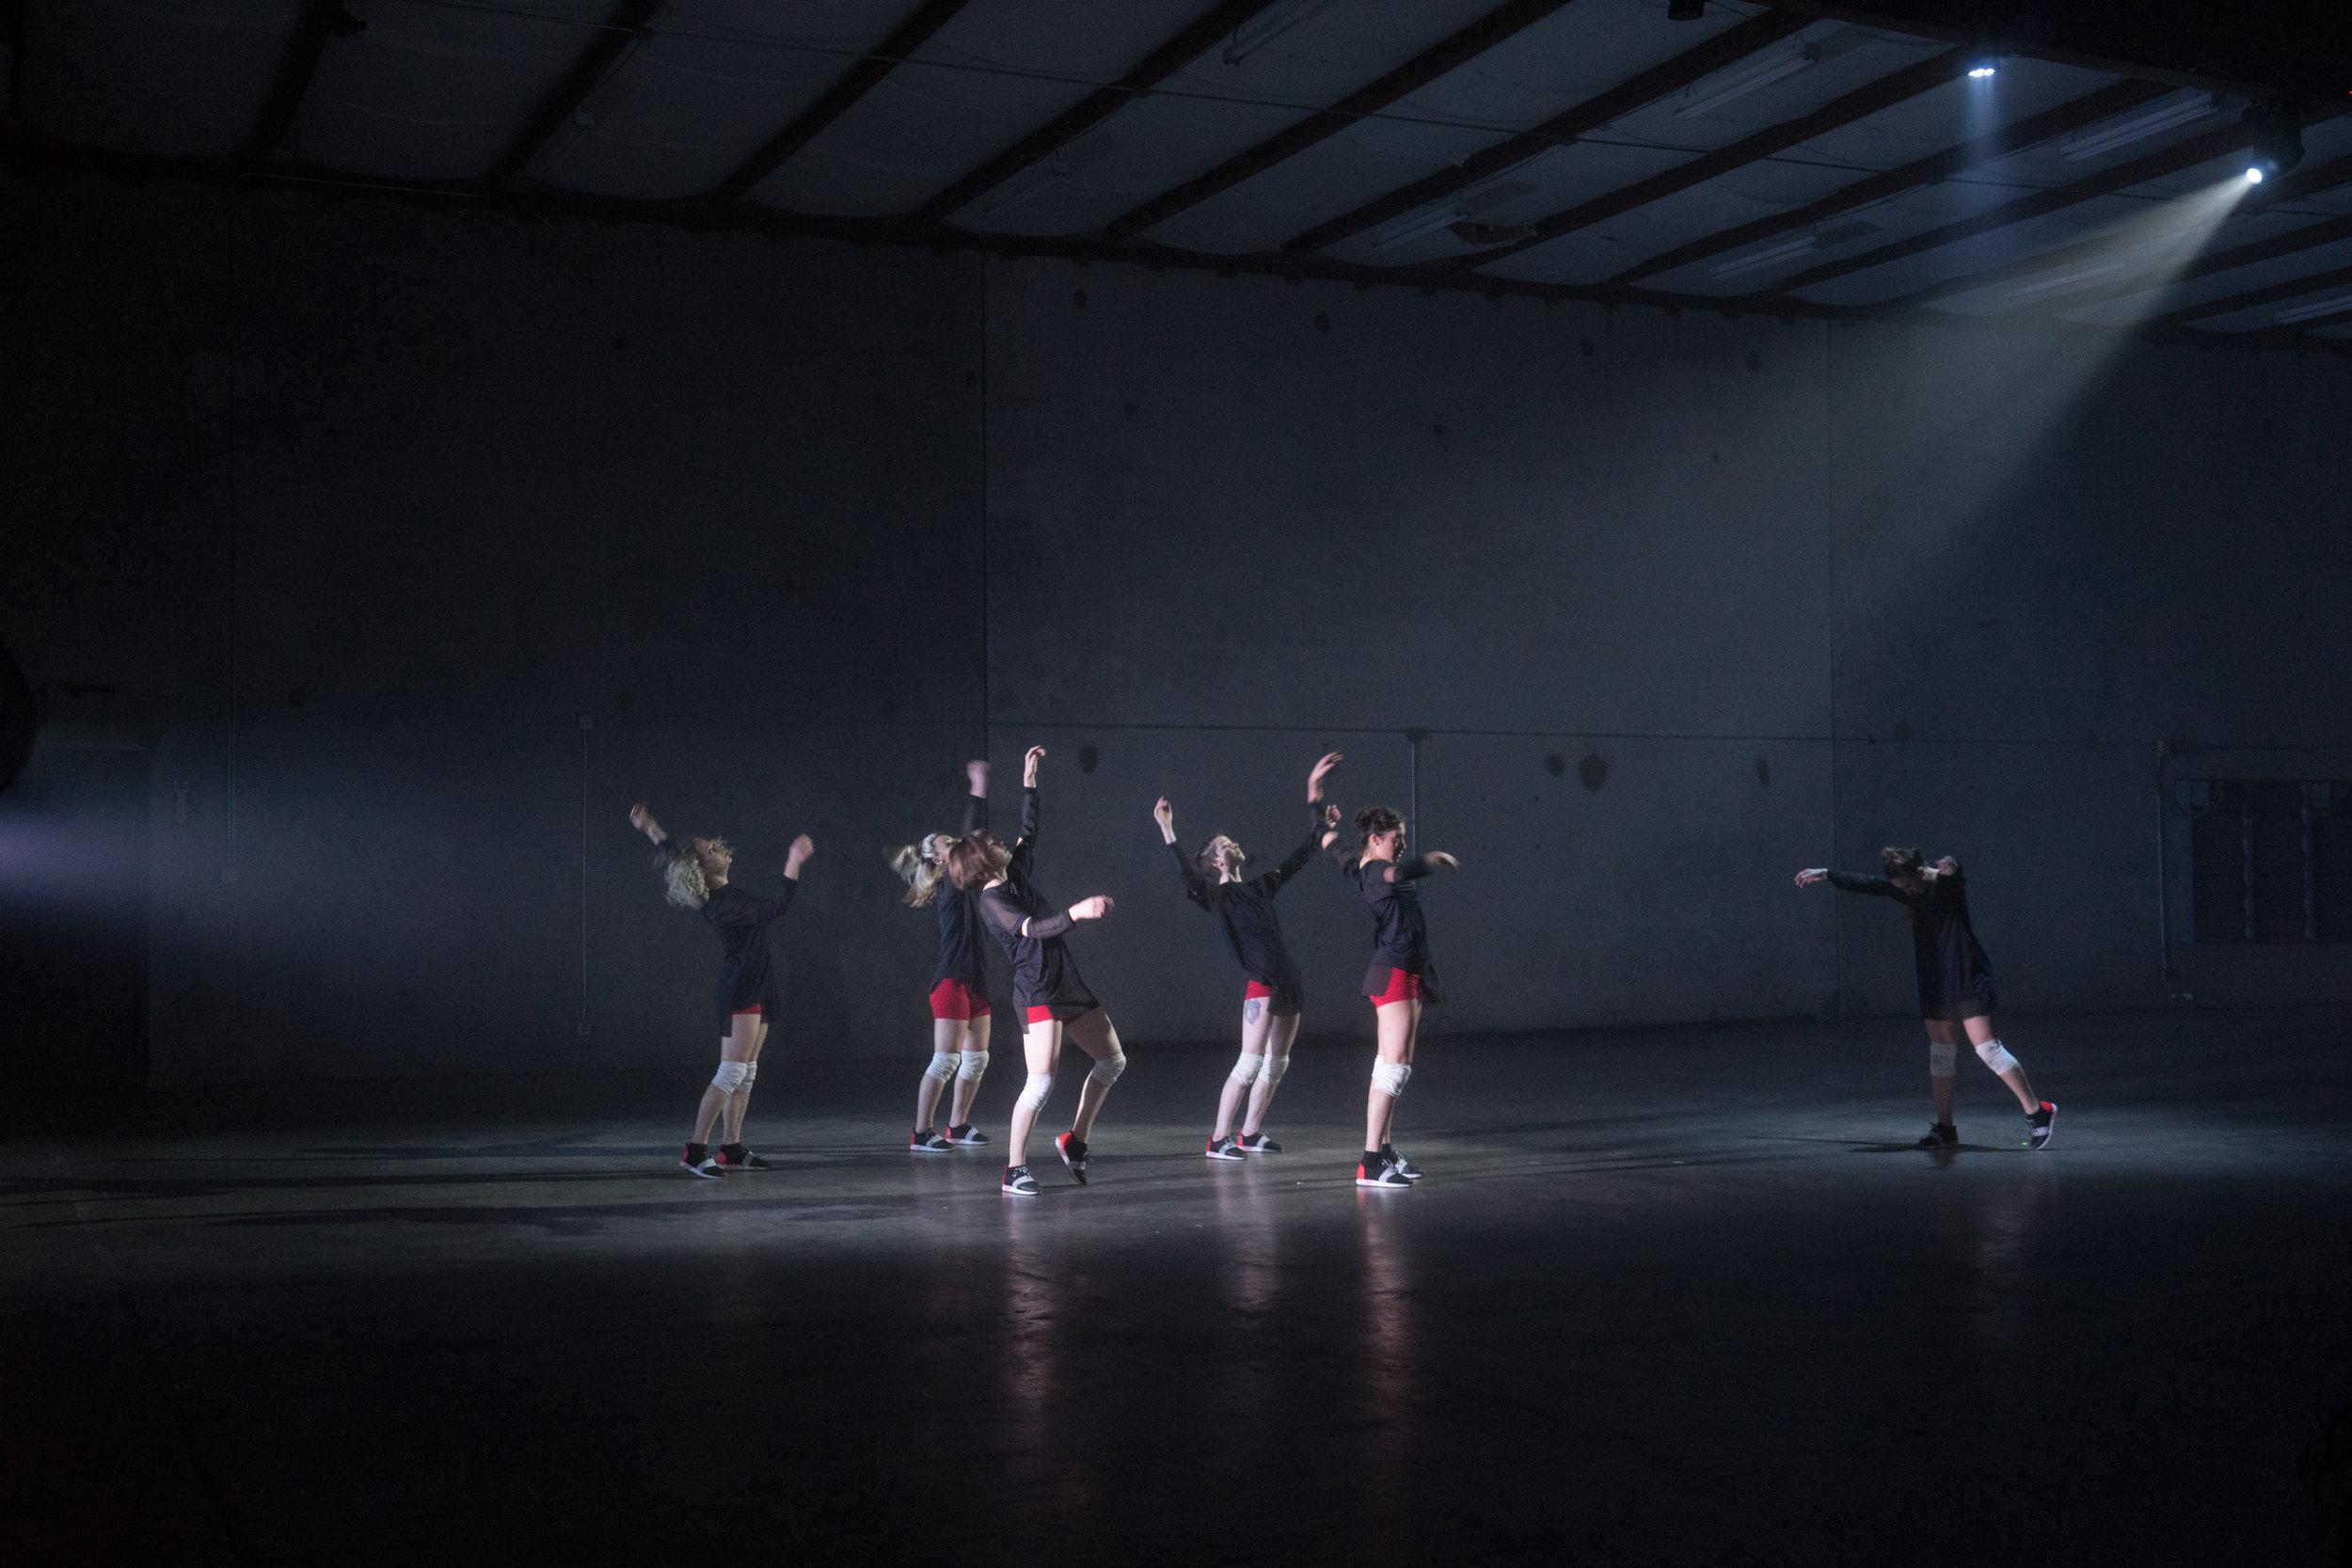 Dancers: Hailley Lauren, Alex Miller, Taryn Lavery, Katie Gunderson, Sarah Navarrete, Katie Hopkins